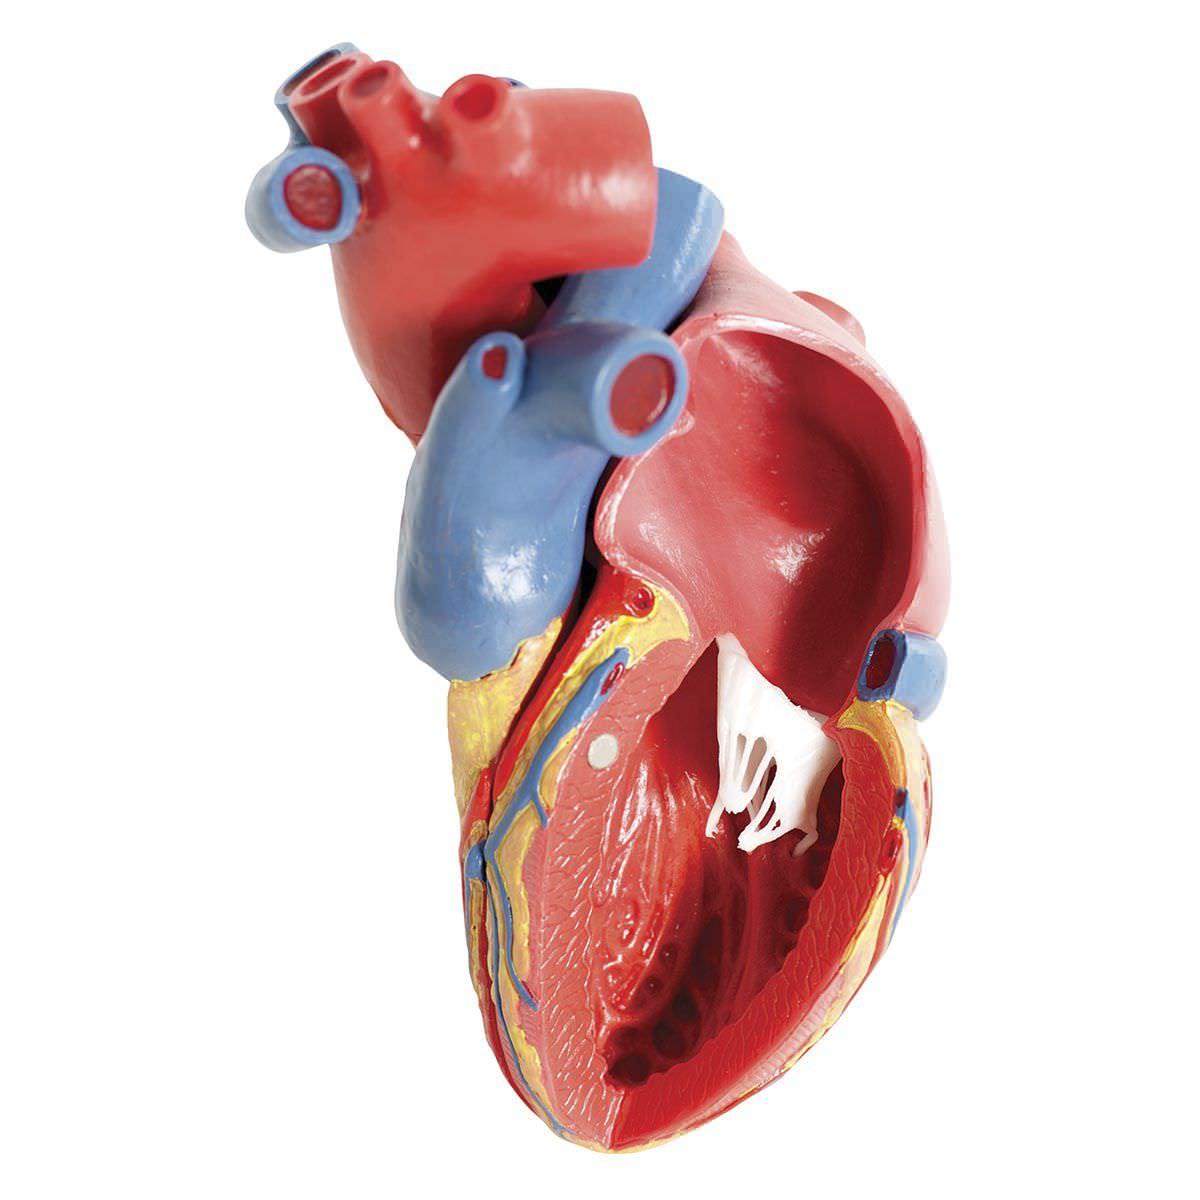 Anatomisches Modell / Herz / für Ausbildung - G01 - 3B Scientific